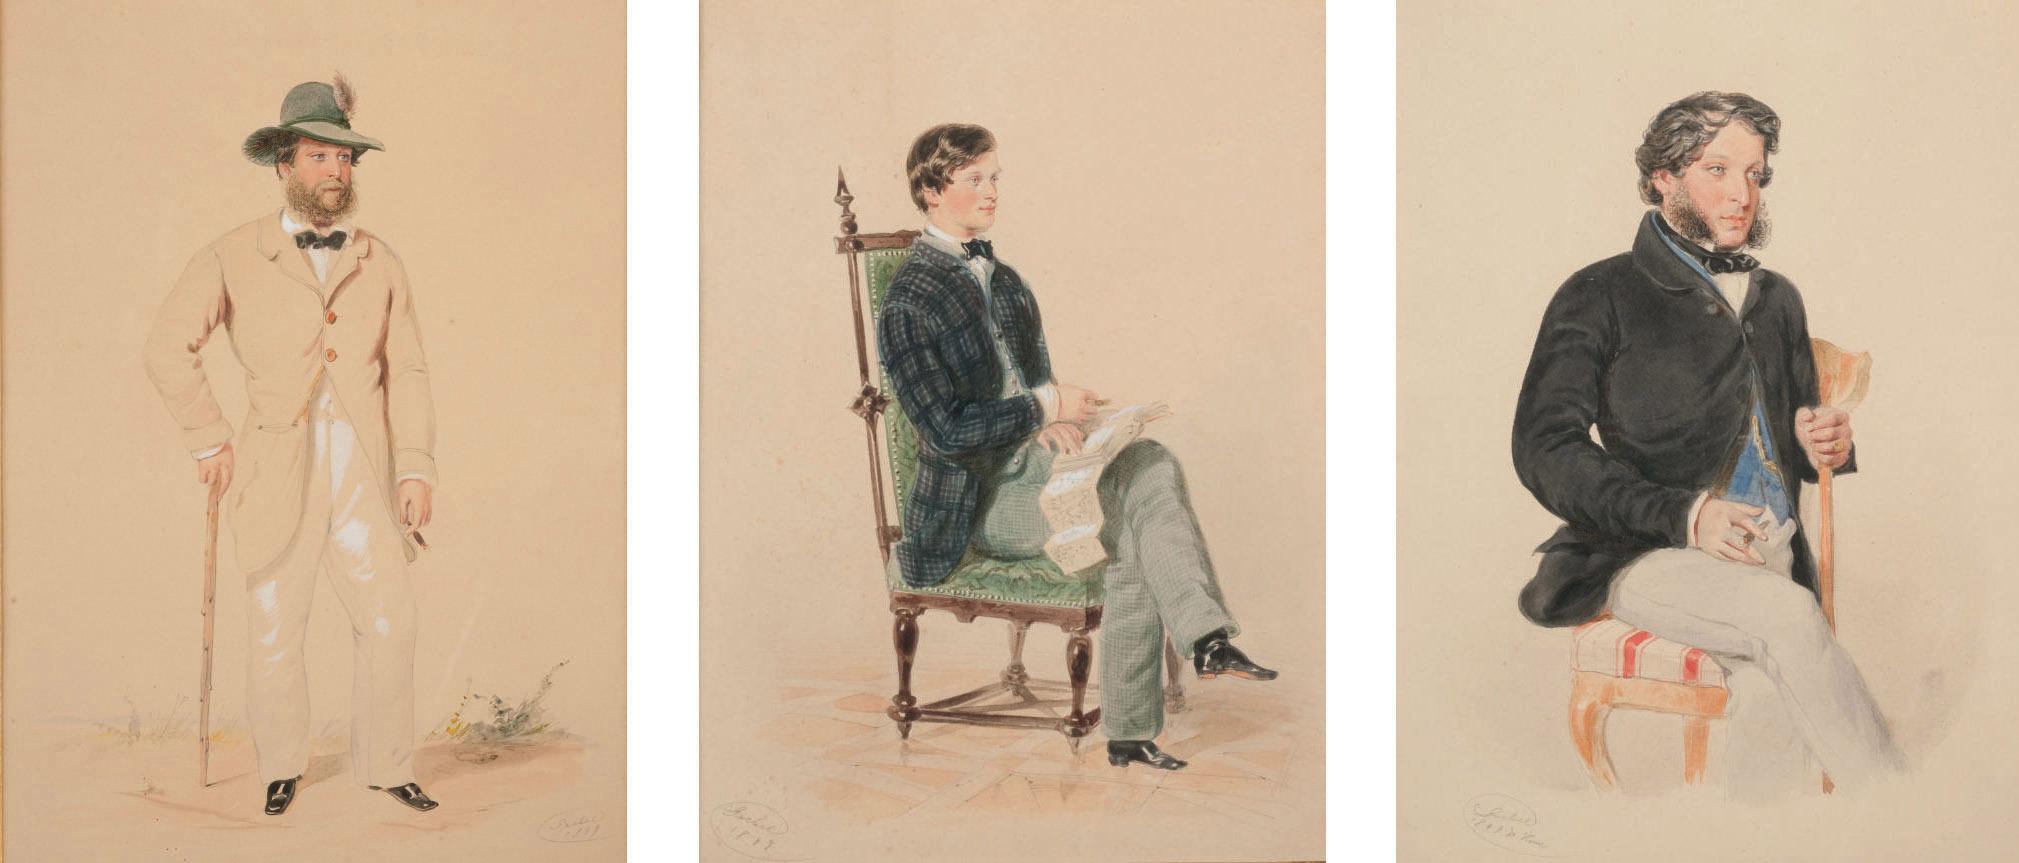 Homme debout avec sa canne; Homme assis lisant; et Homme assis fumant le cigare